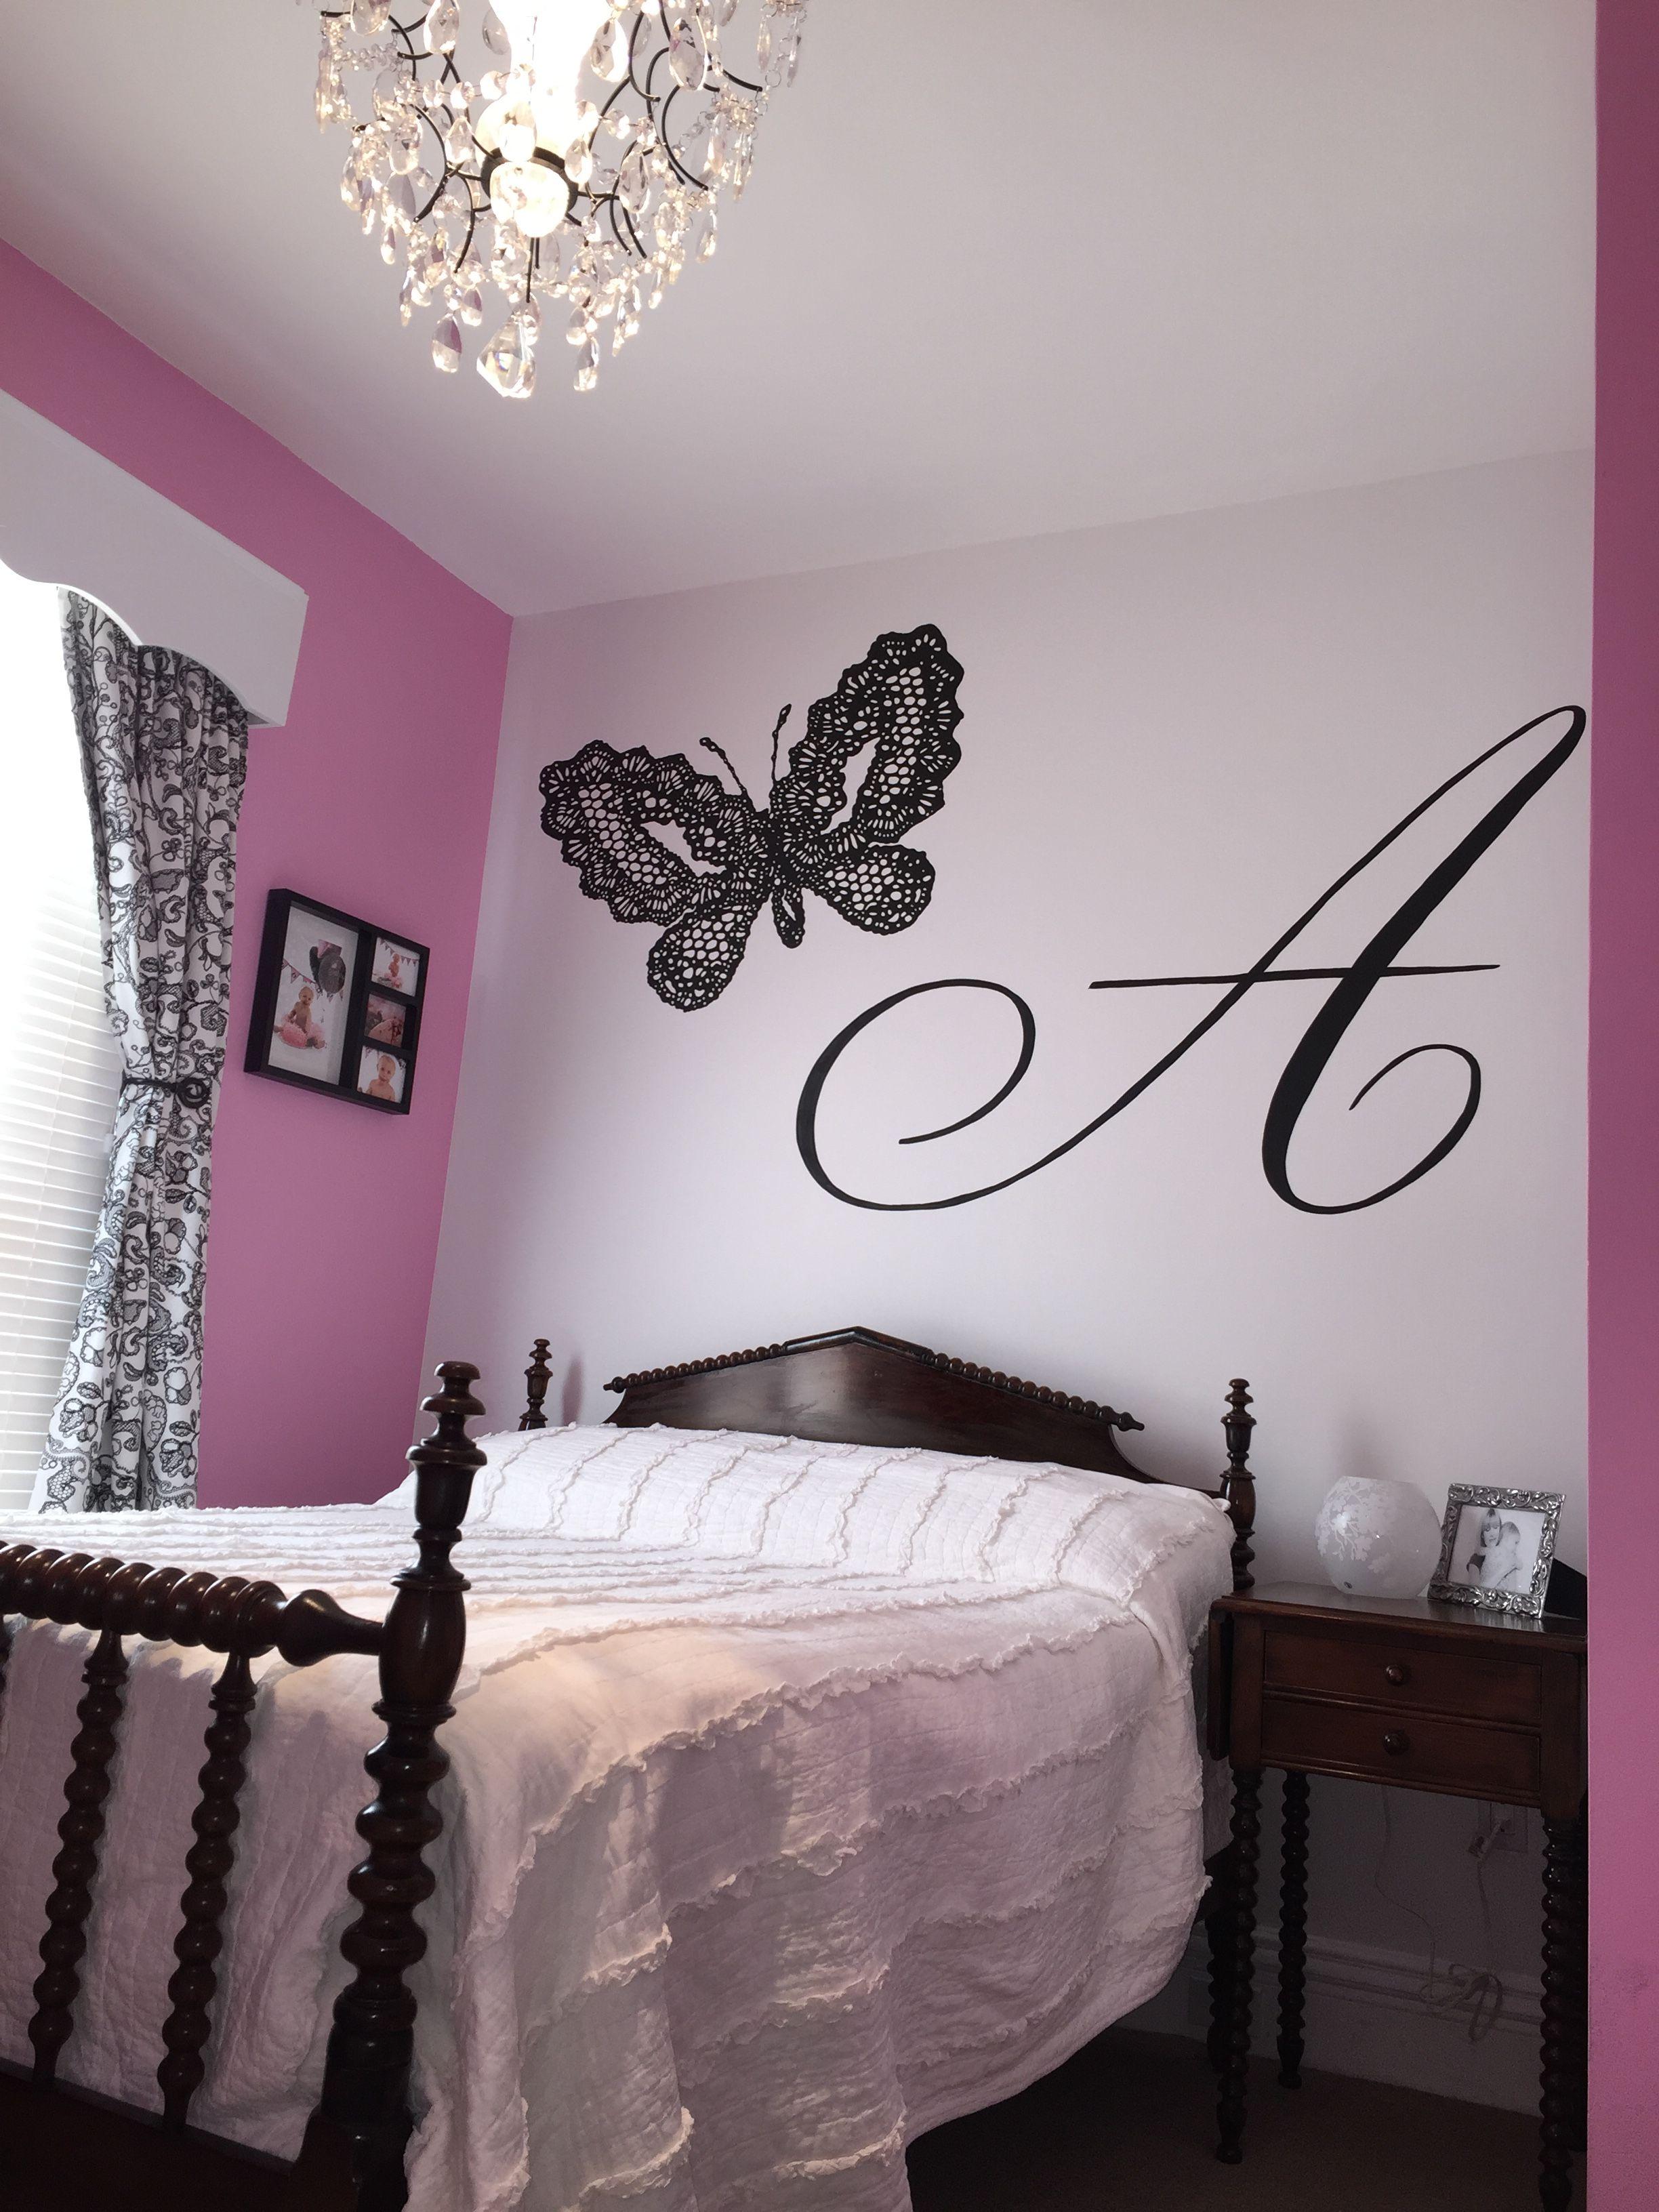 Black Butterfly Mural Girls bedroom wallpaper, Girly